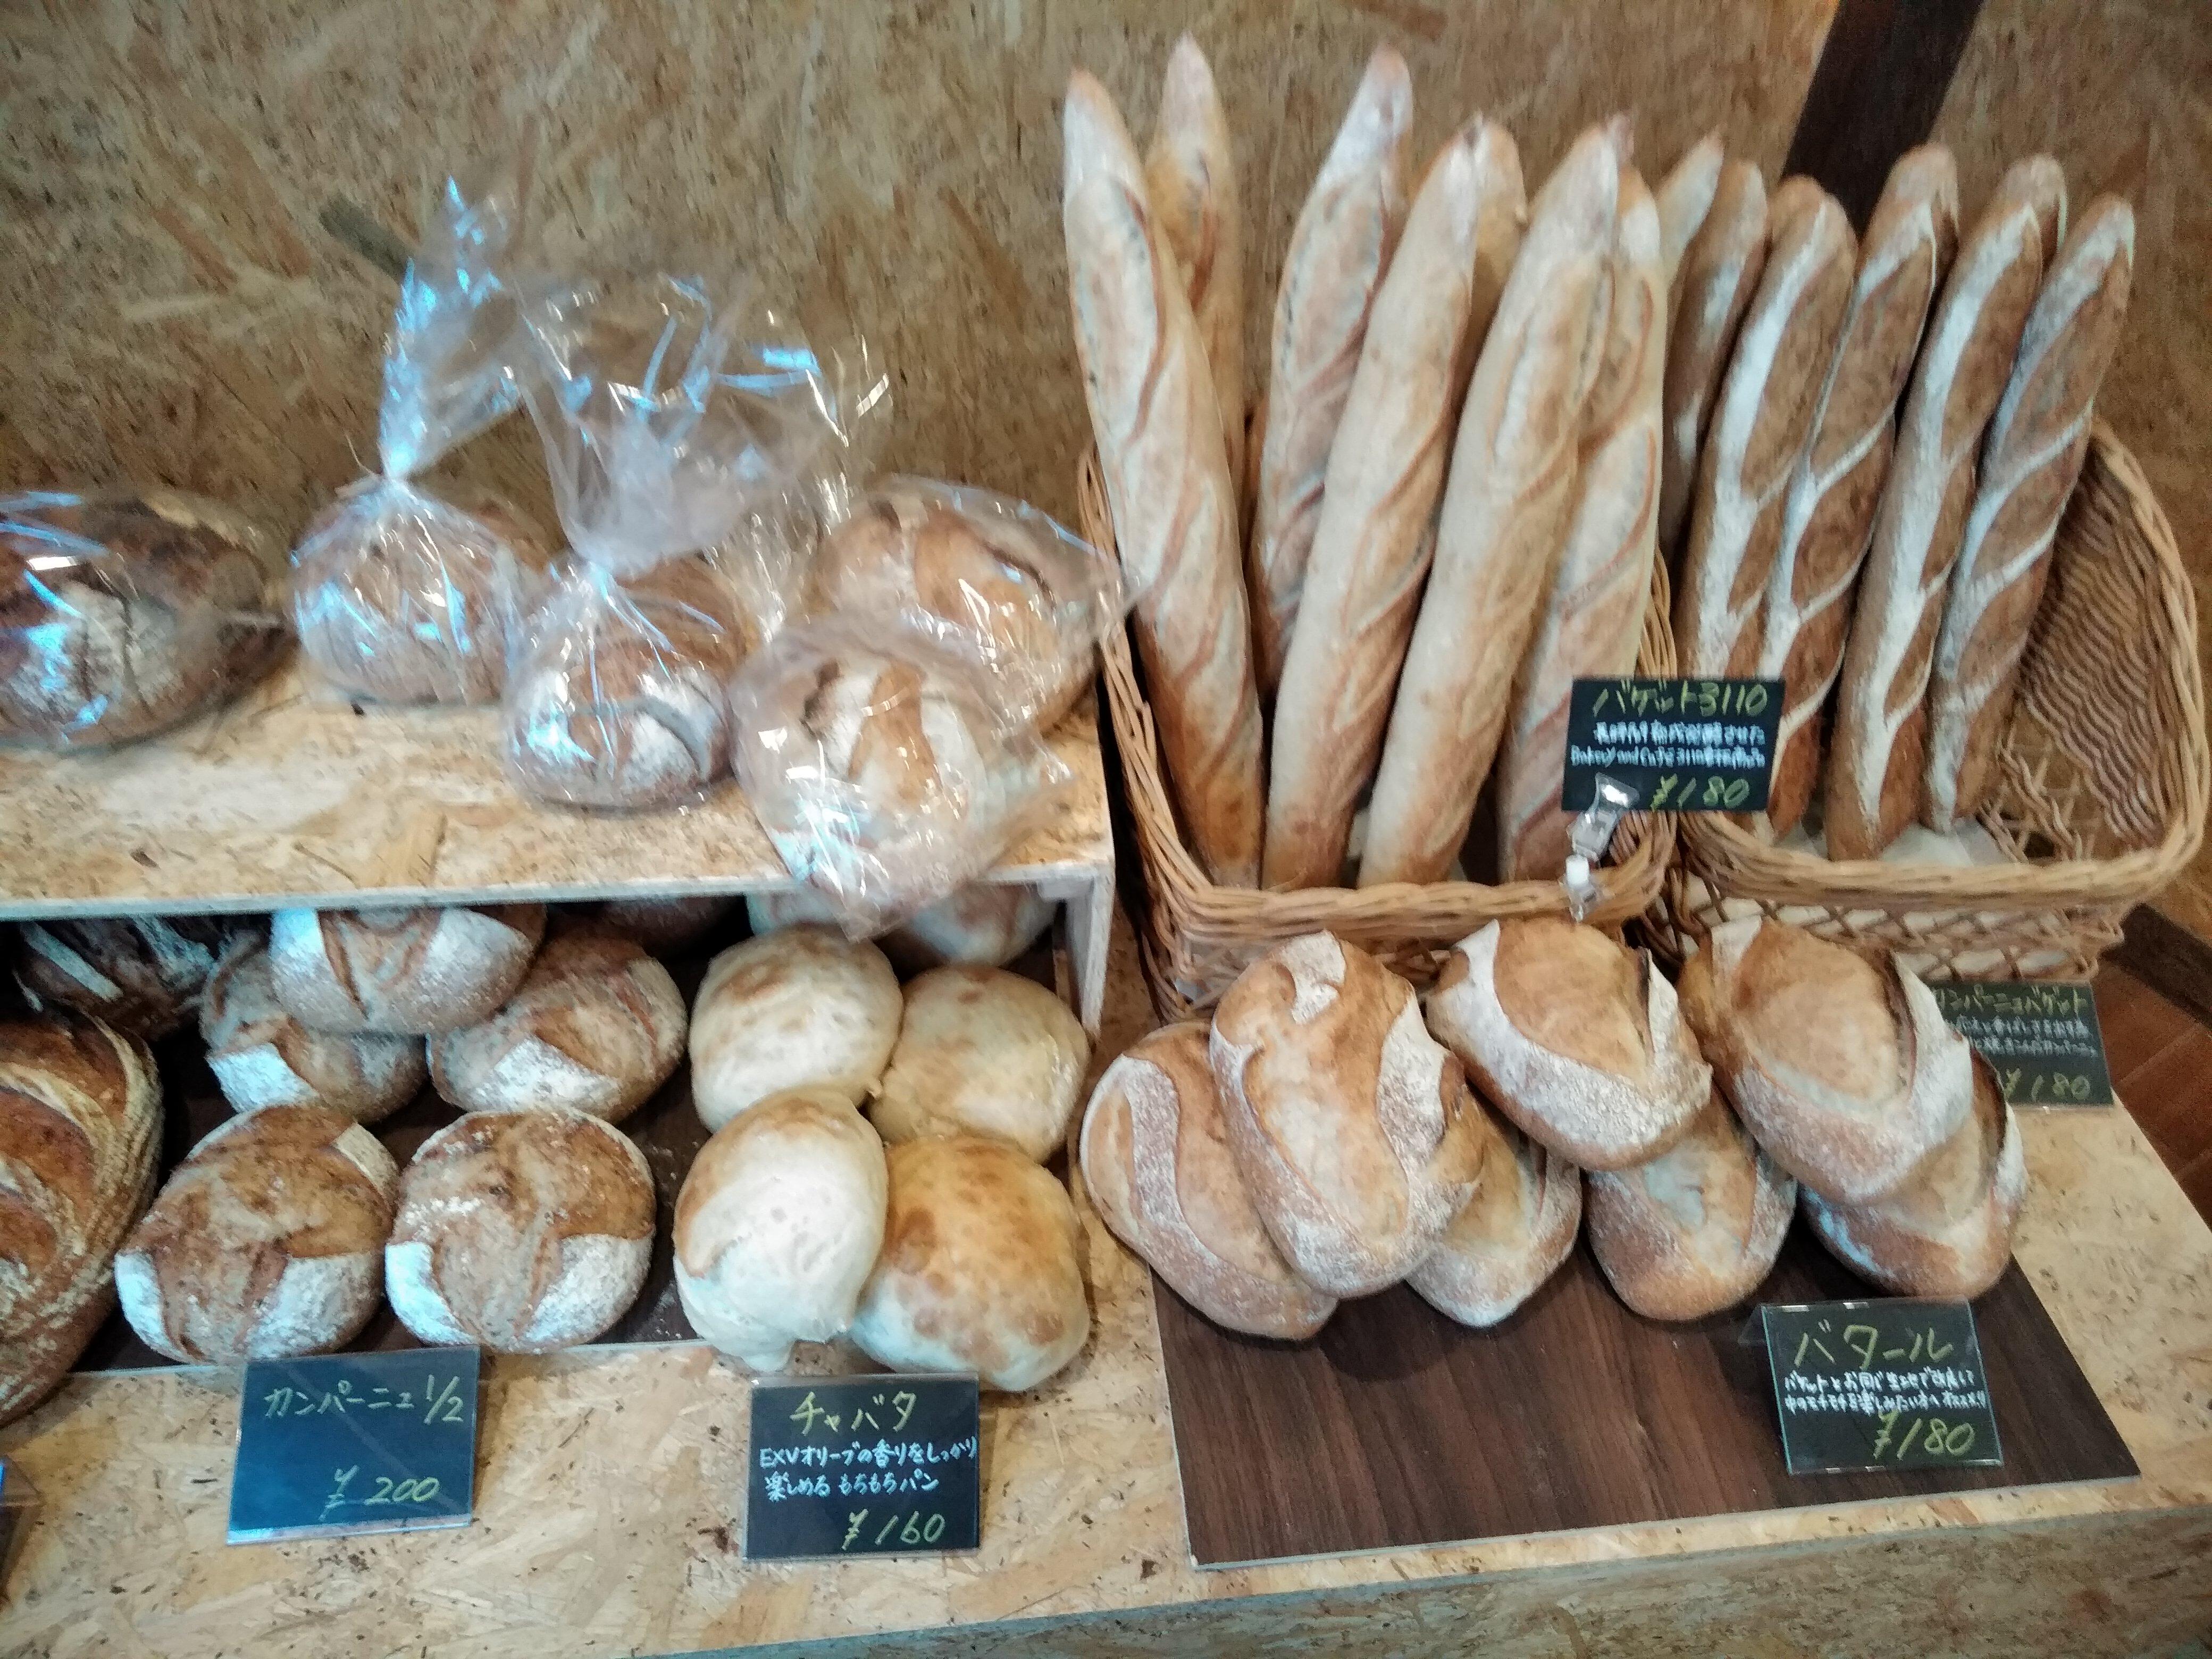 ベーカリー&カフェ3110は泉区トップクラスのパン屋さん!